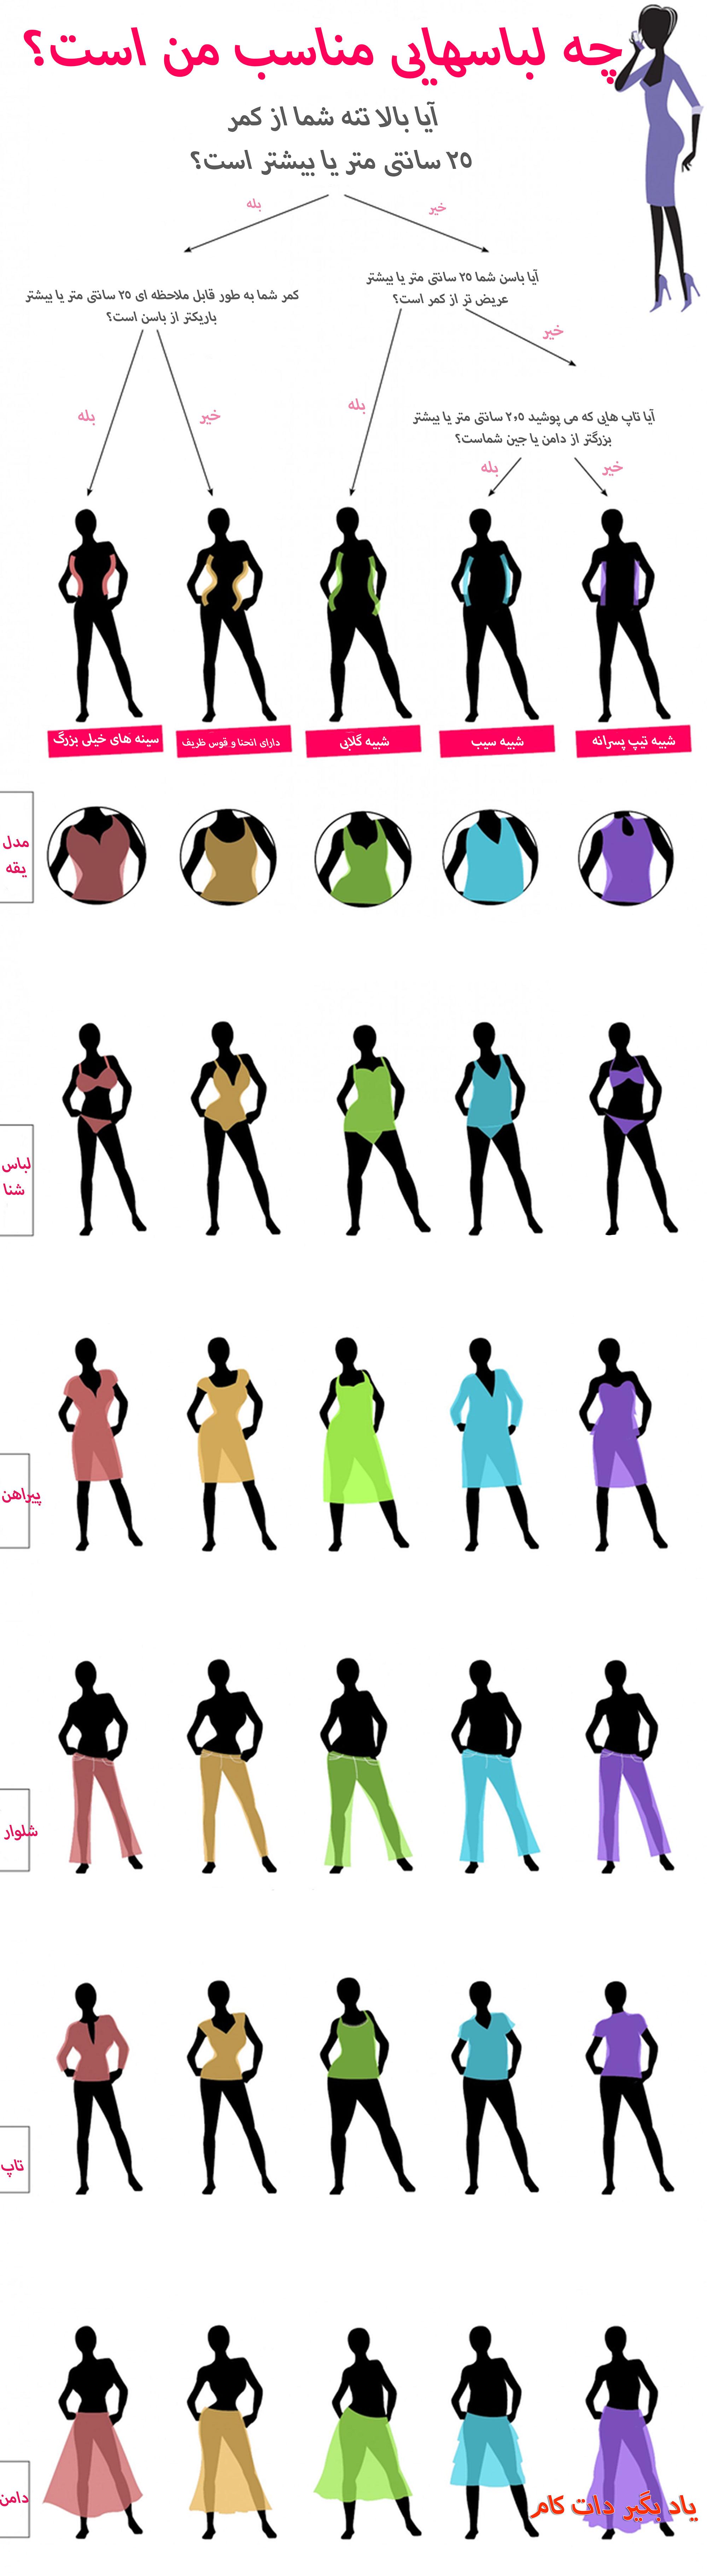 چطور مدل مو و لباس را با هم ست کنیم